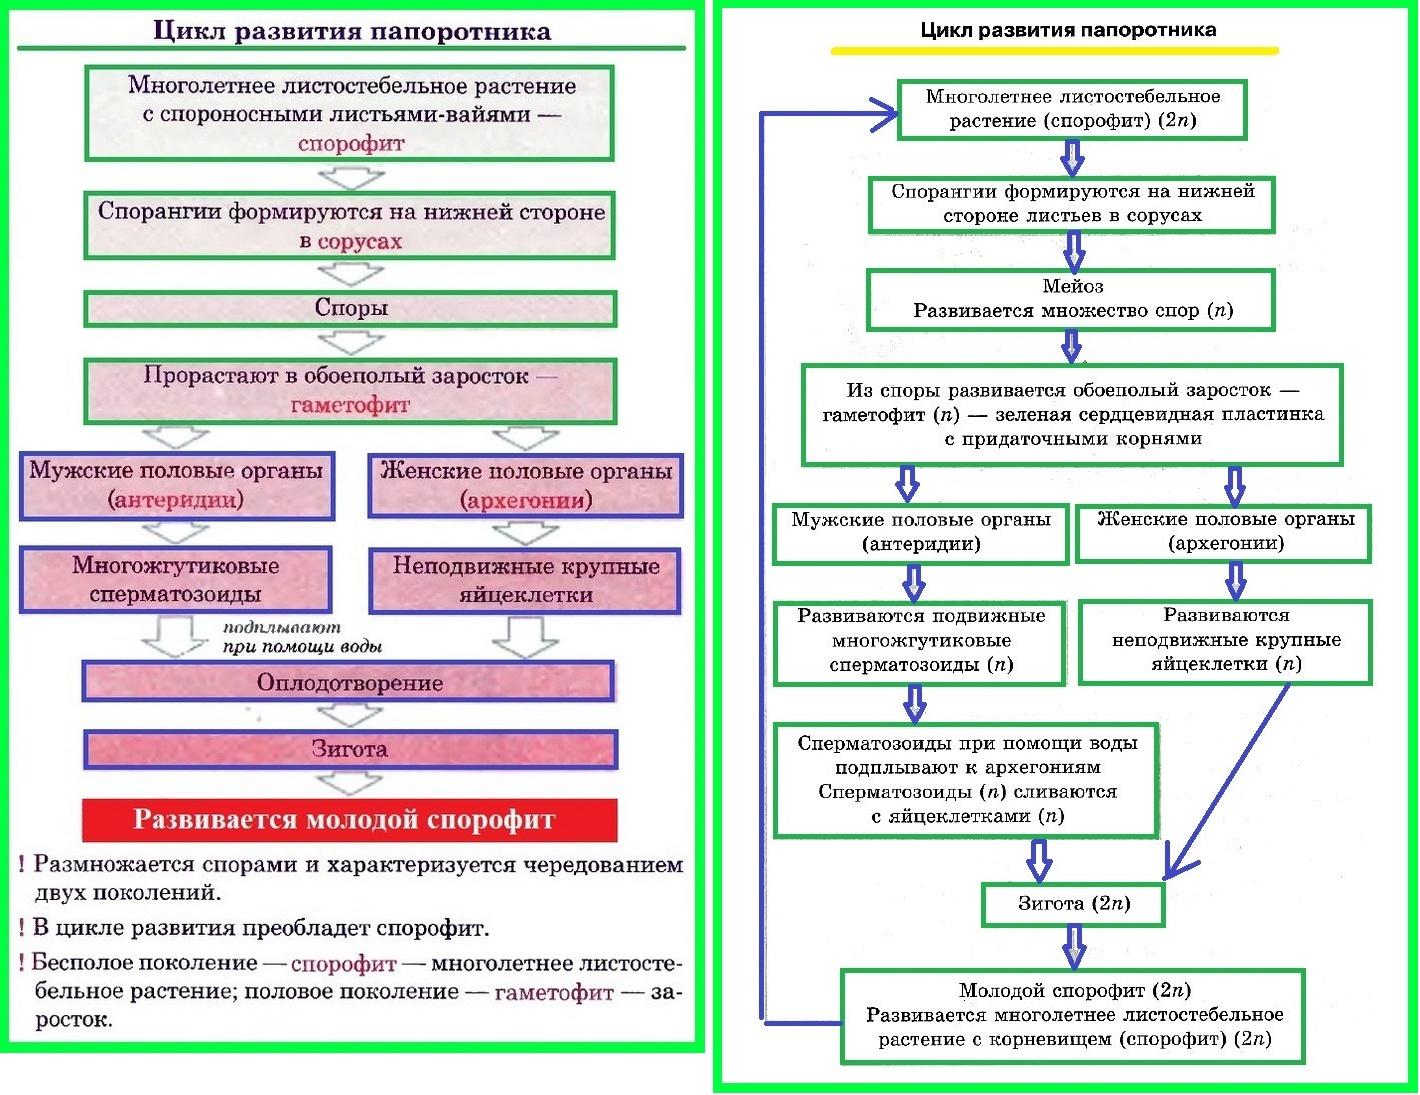 цикл развития папортника